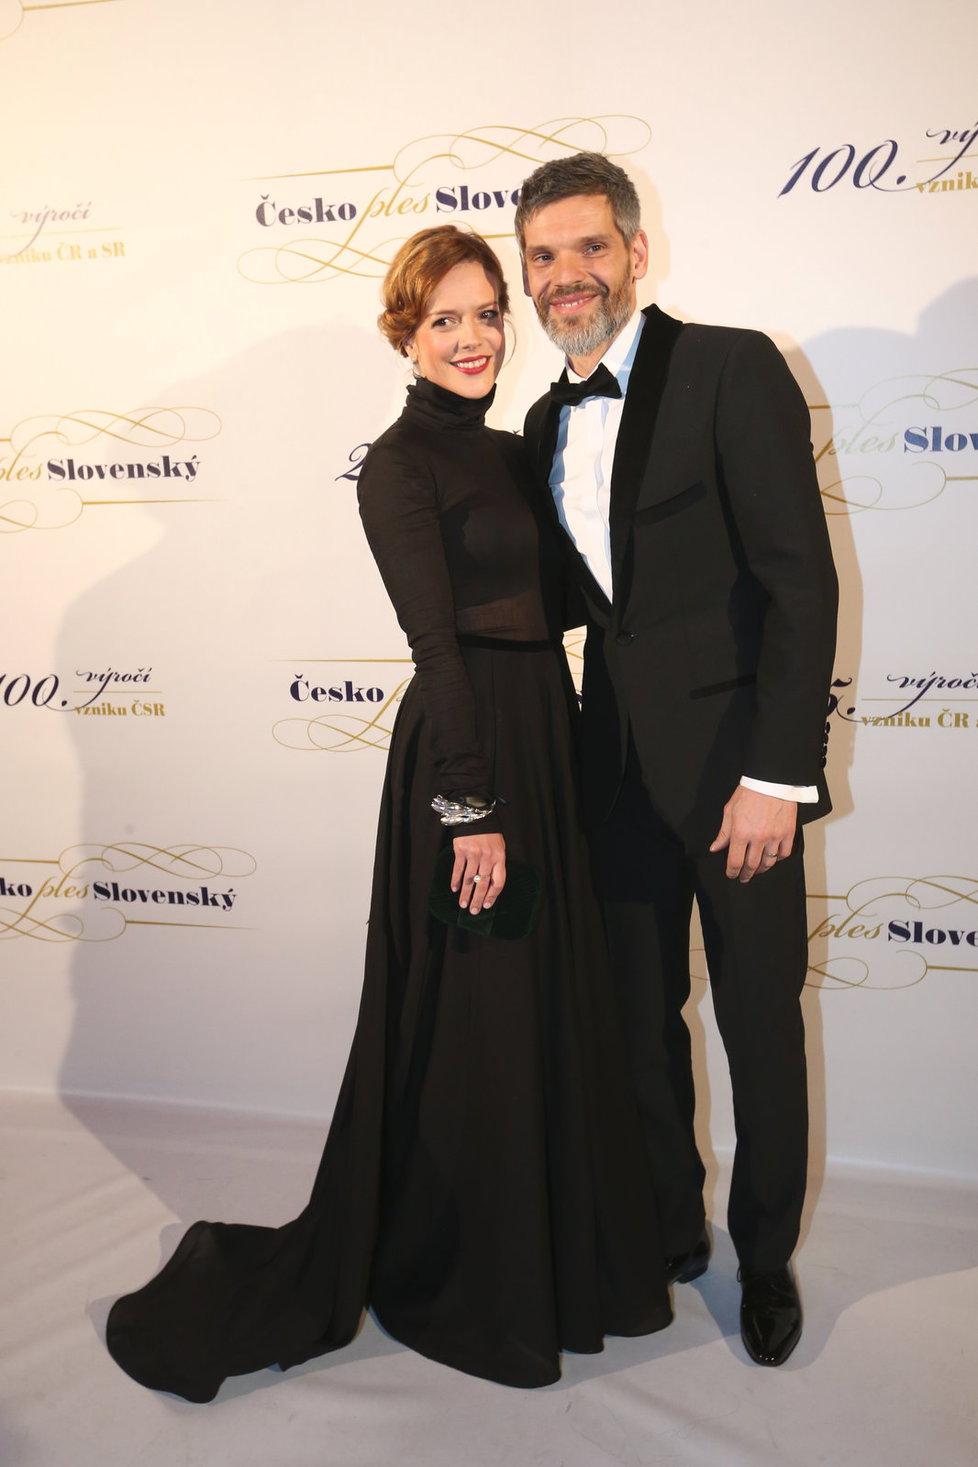 Andrea Kerestešová Růžičková s manželem Mikolášem